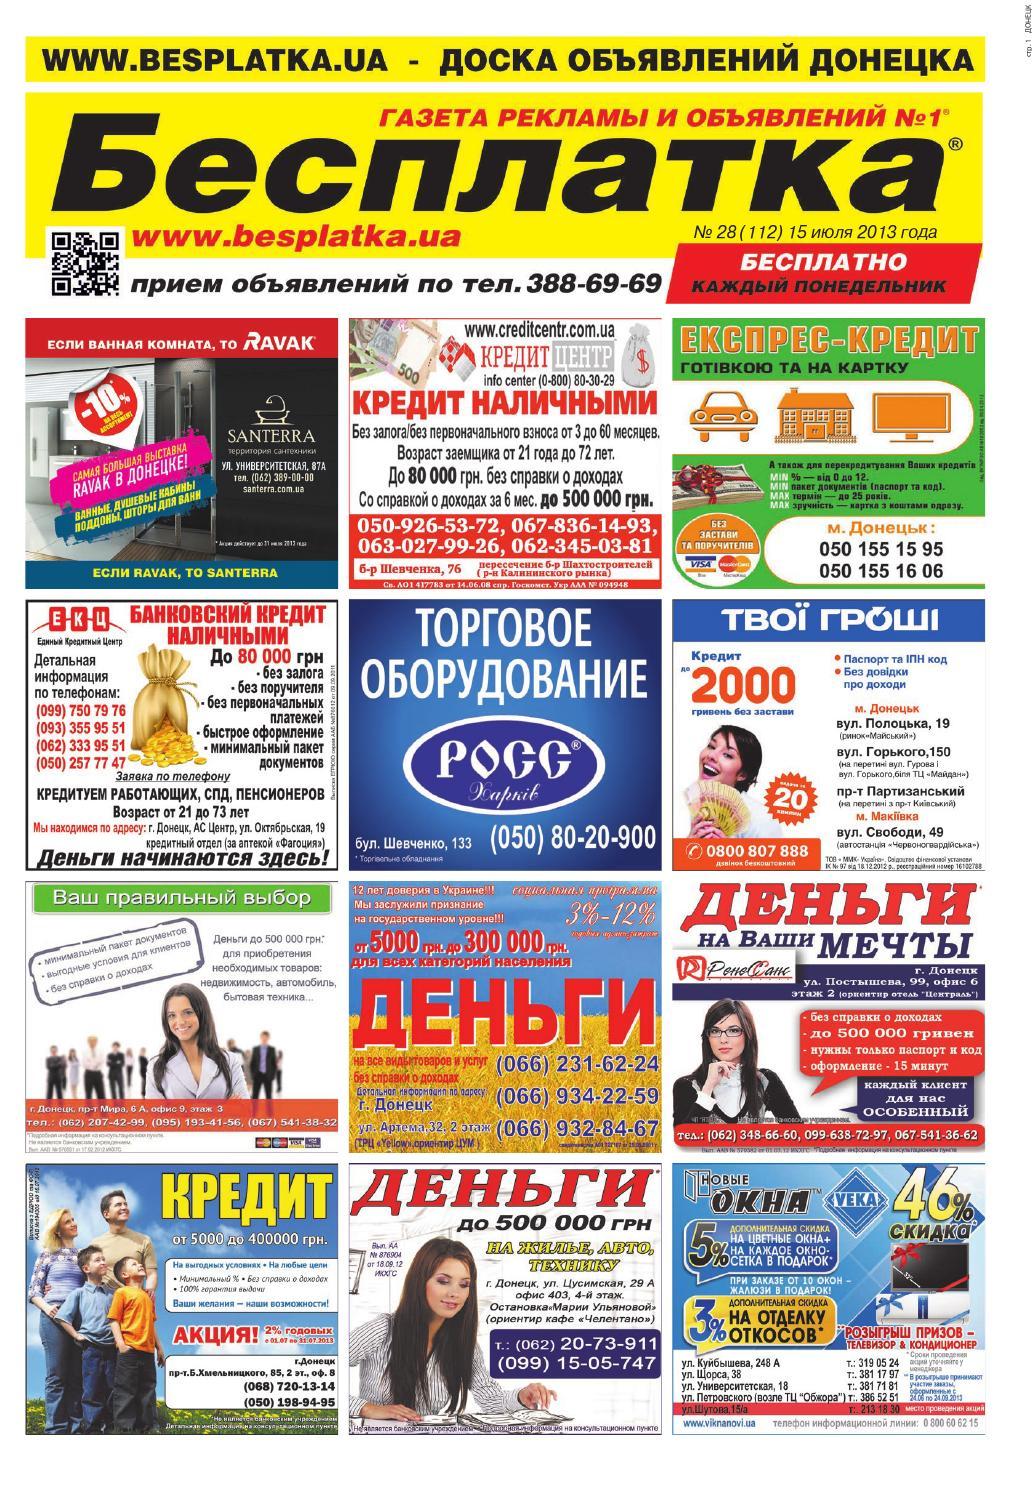 Финансы и кредит донецк шевченко